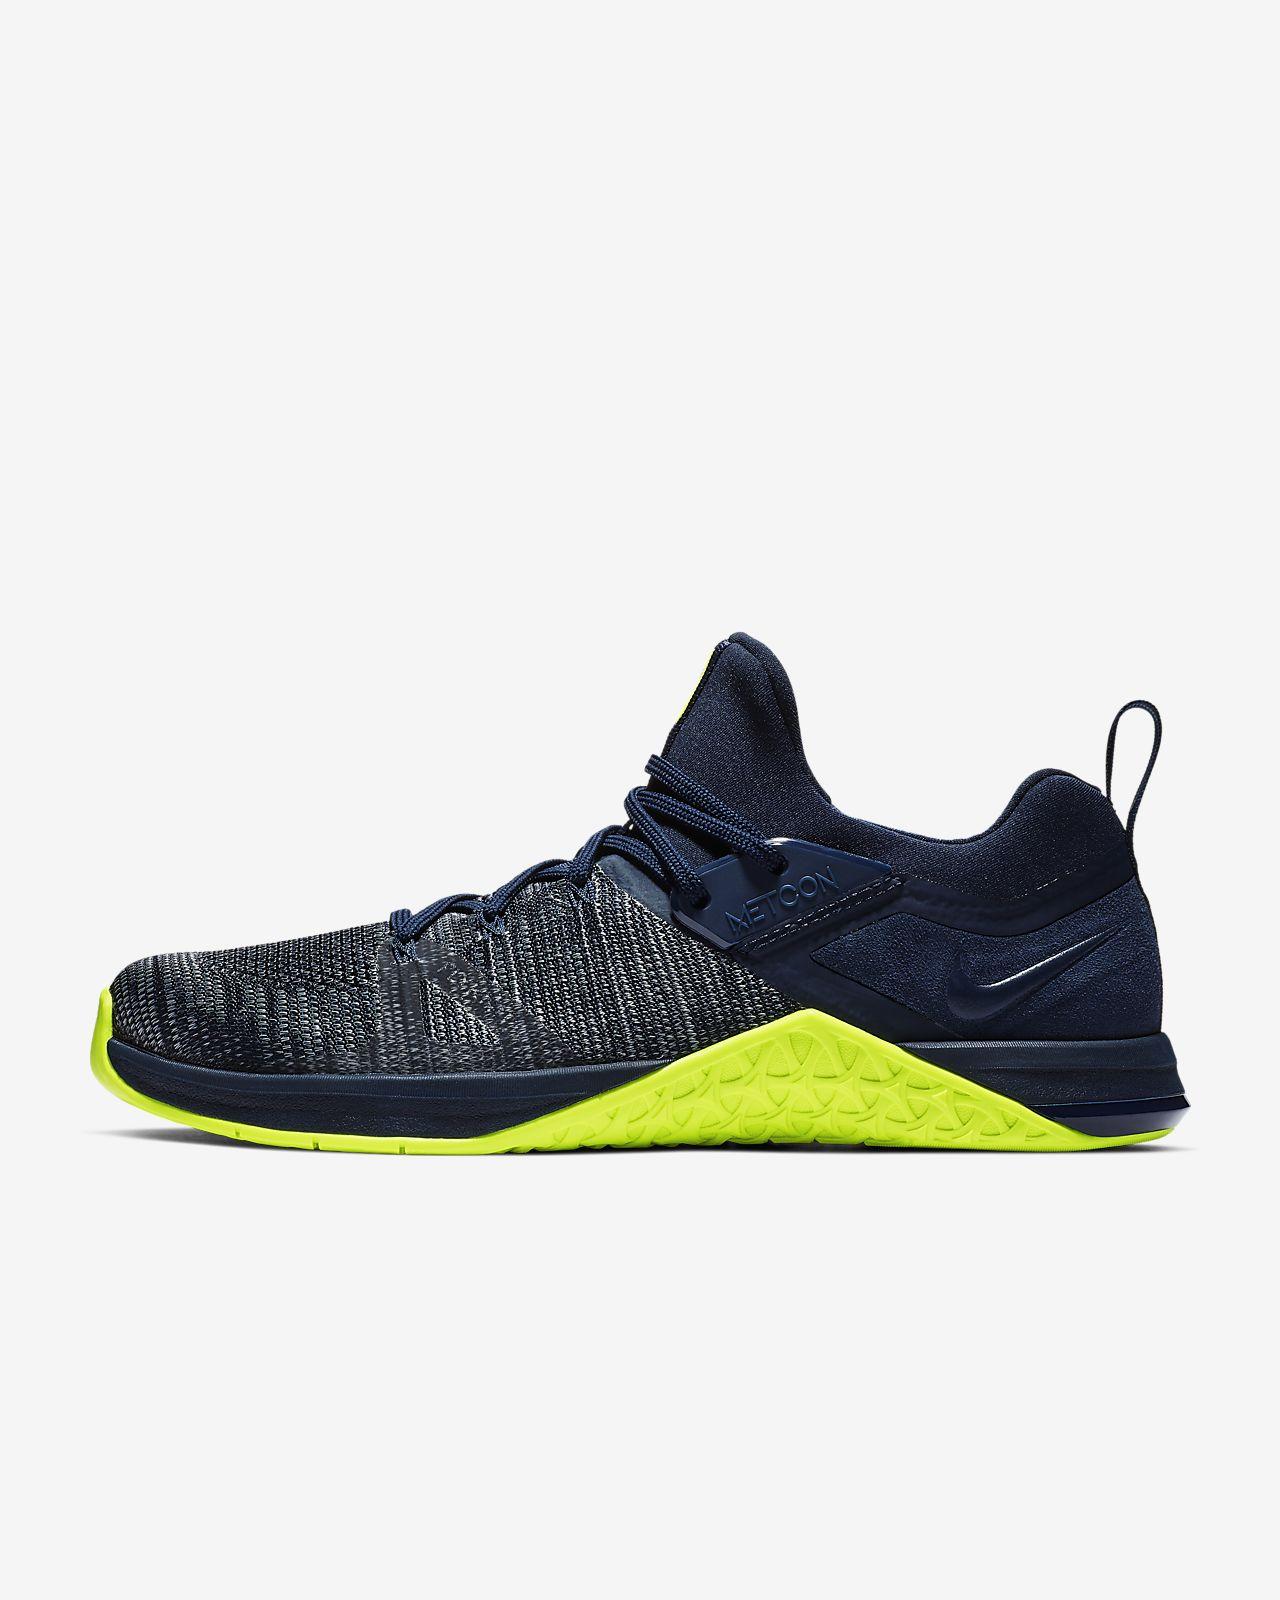 brand new c3b56 b43a6 Nike Metcon Flyknit 3 Zapatillas de cross training y levantamiento de pesas  - Hombre